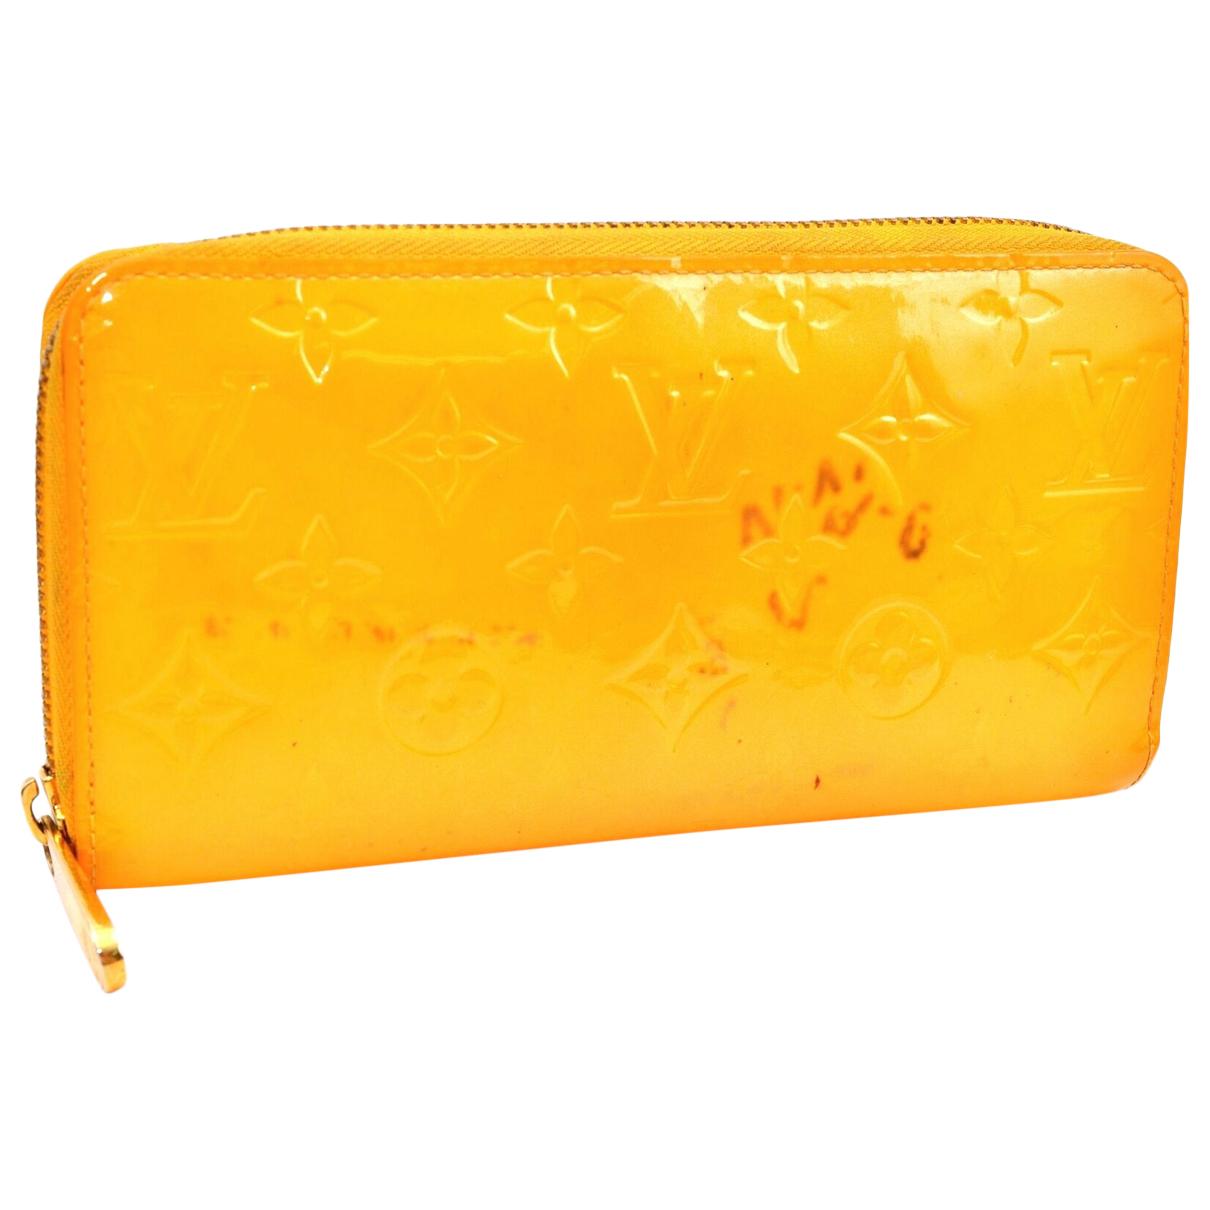 Louis Vuitton - Portefeuille   pour femme en cuir verni - orange